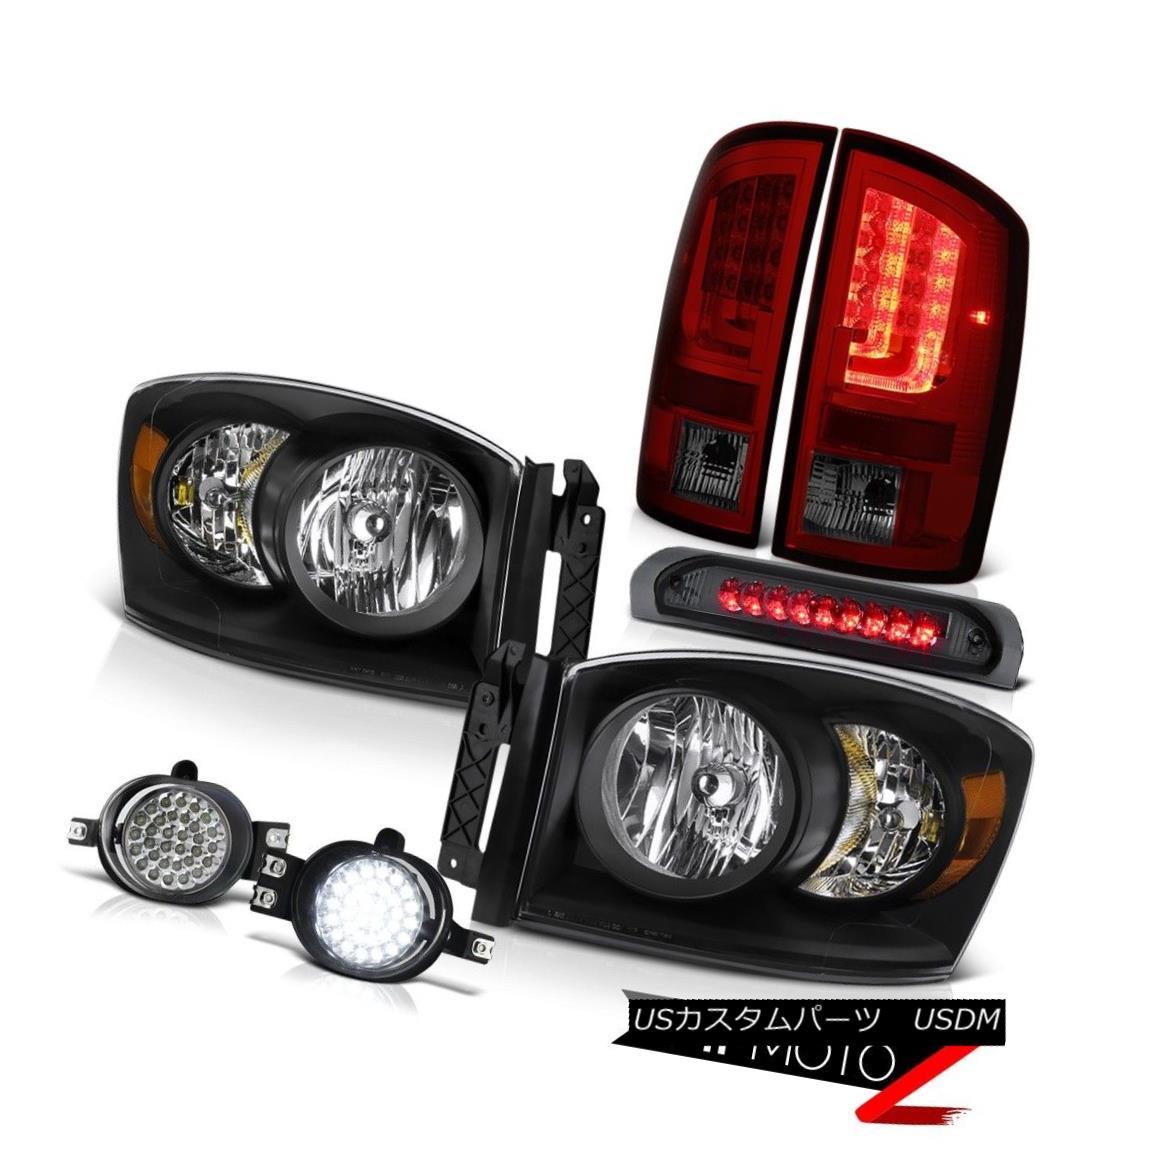 テールライト 2007-2009 Dodge Ram 3500 5.7L Rear Brake Lamps Headlights Fog High STop Light 2007-2009 Dodge Ram 3500 5.7LリアブレーキランプヘッドライトフォグハイSTOPライト